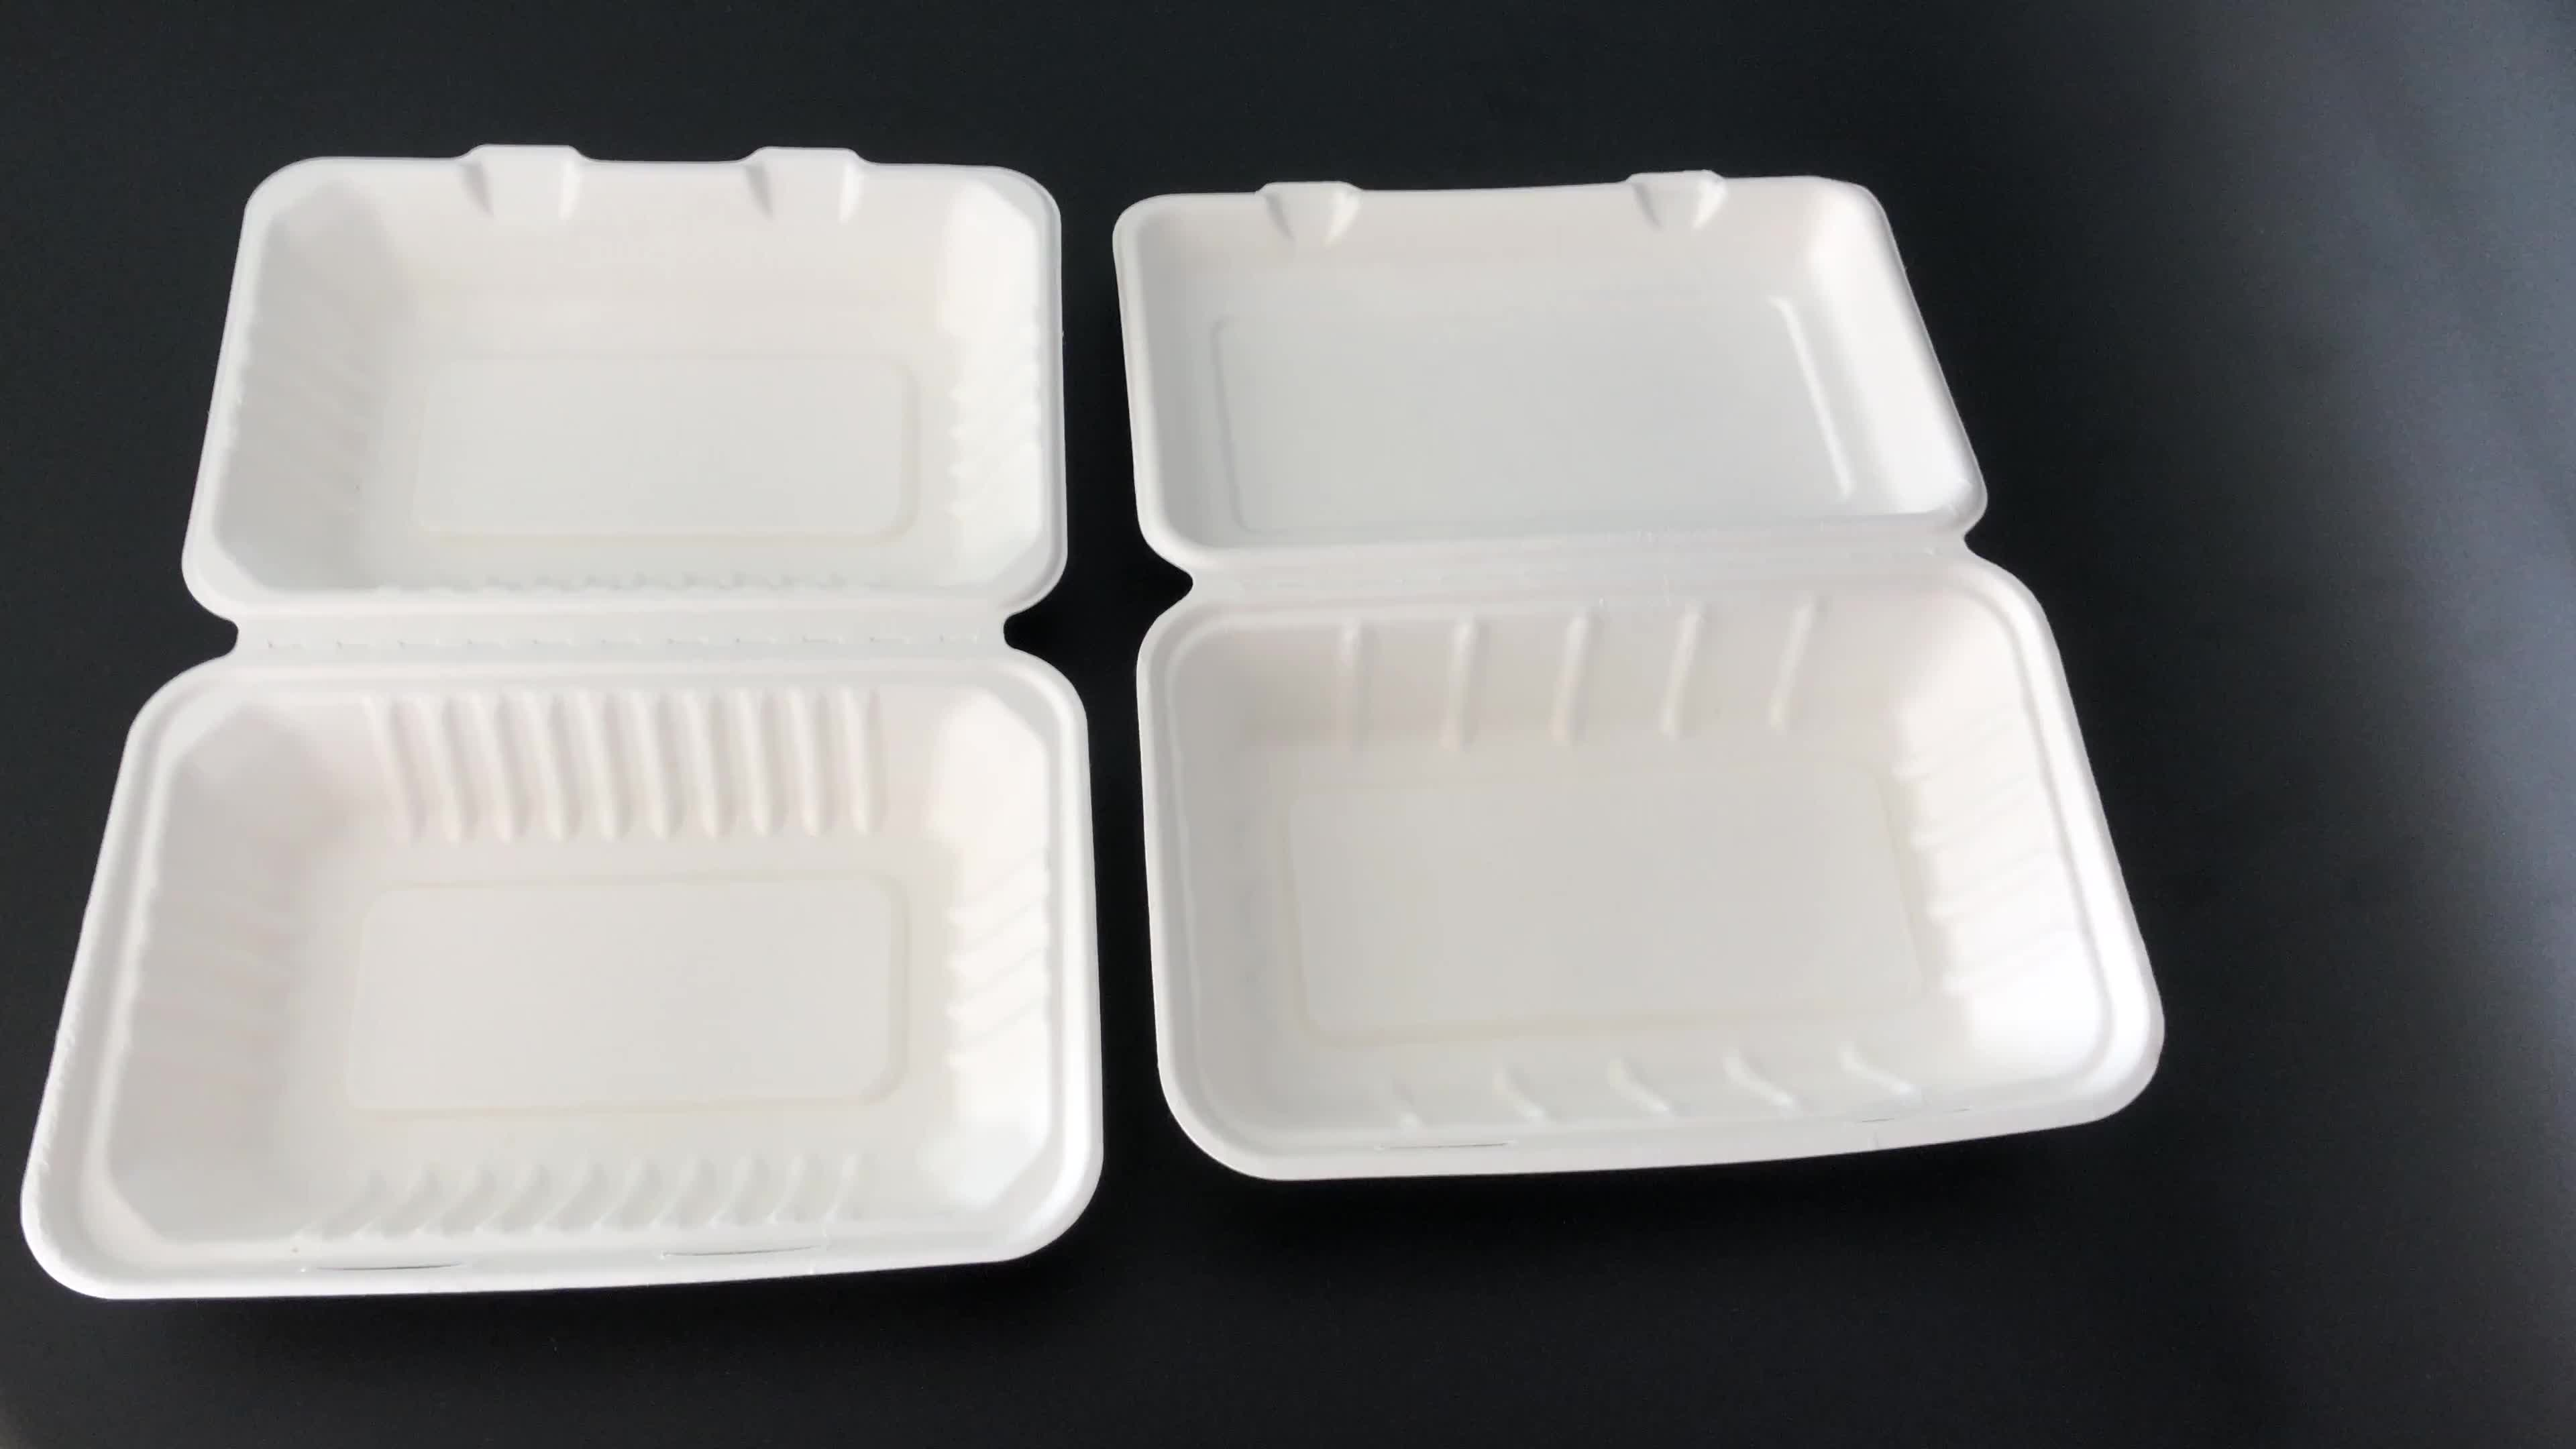 Eco amigable de bagazo de caña llevar desechable contenedor de alimentos desechables biodegradables caja de almuerzo para niños